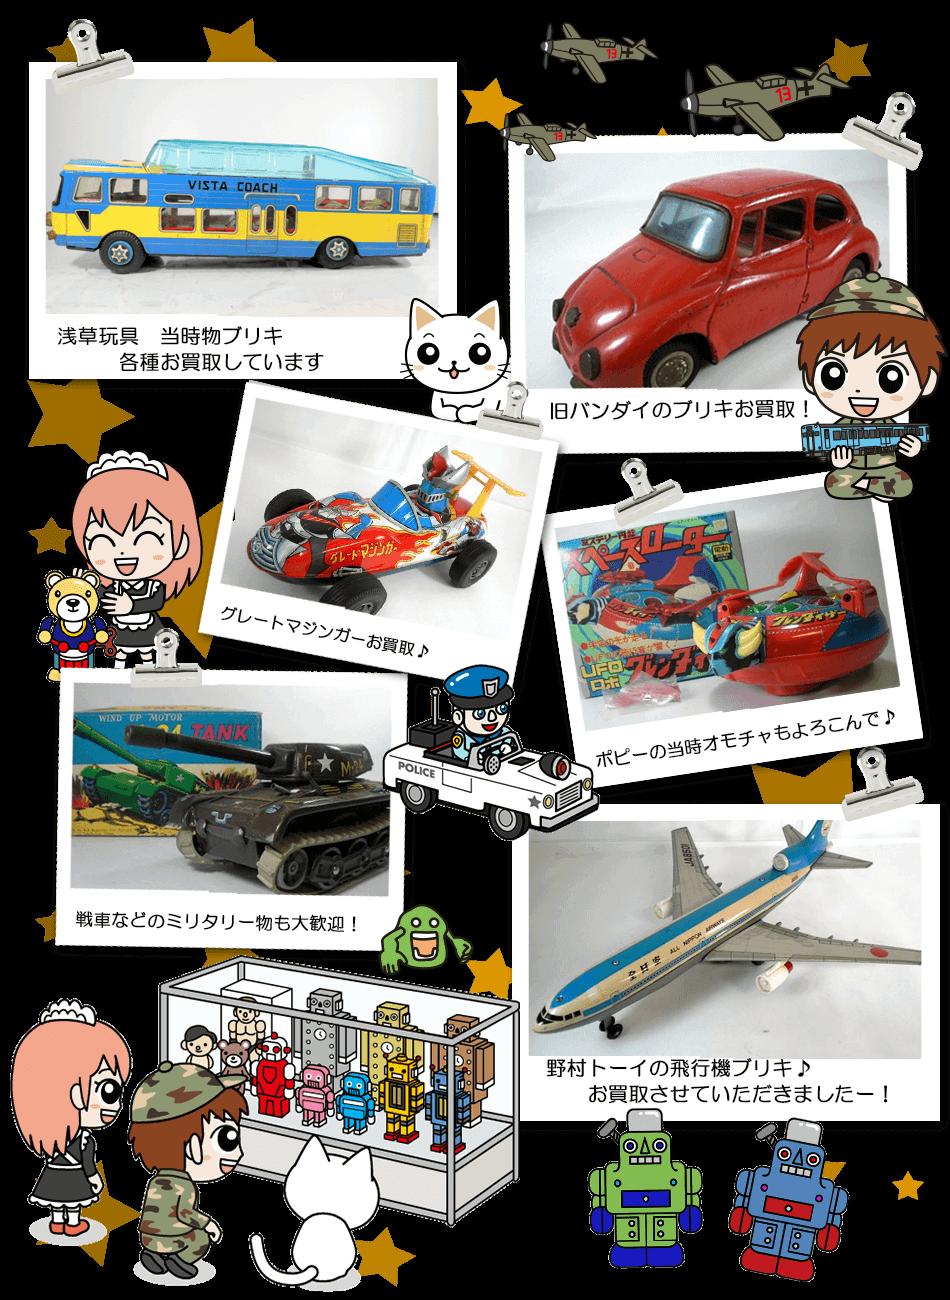 ブリキのおもちゃお買取実績です。浅草玩具・旧バンダイ・ポピーやグレートマジンガー・増田屋などいろいろなブリキのおもちゃを高価買取いたします。